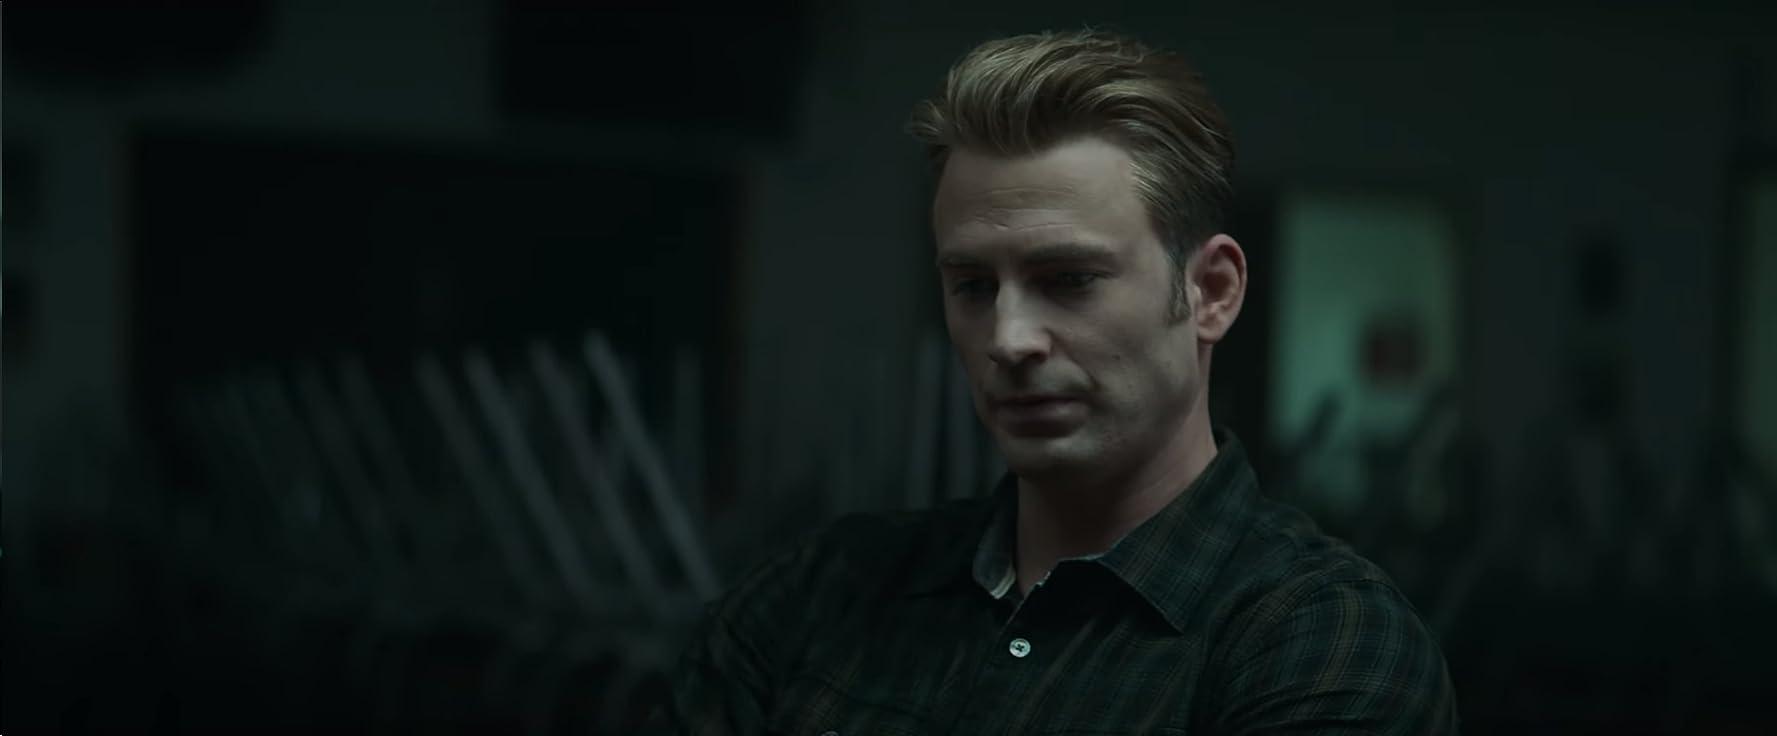 Chris Evans in Avengers: Endgame (2019)